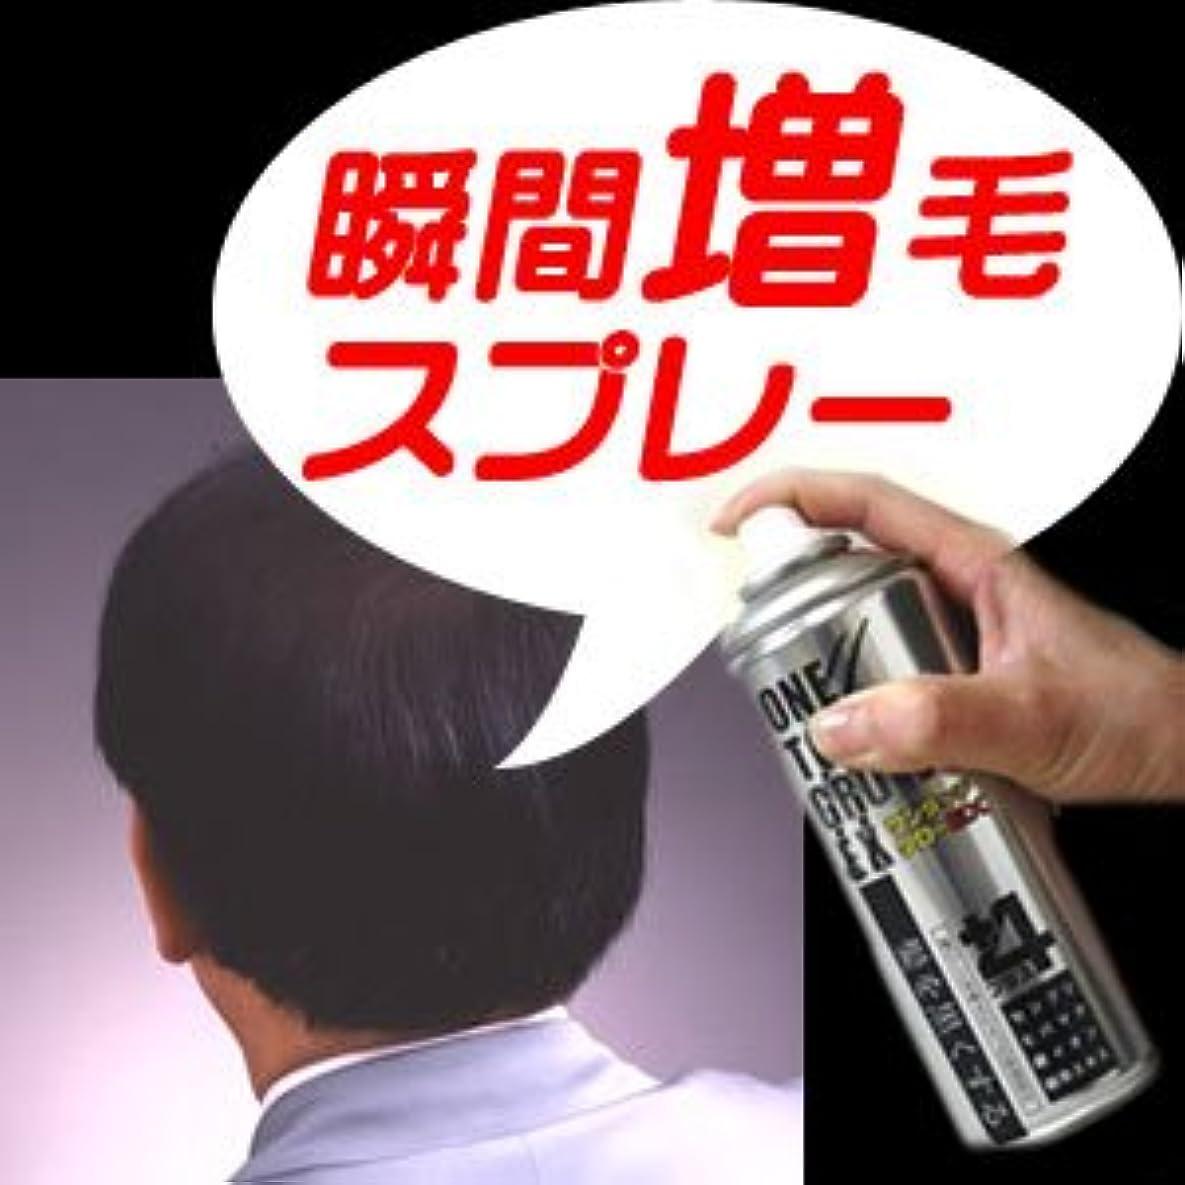 ガラスレザーロンドン新瞬間増毛スプレー(男女兼用)『ワンタッチグローEX+4』